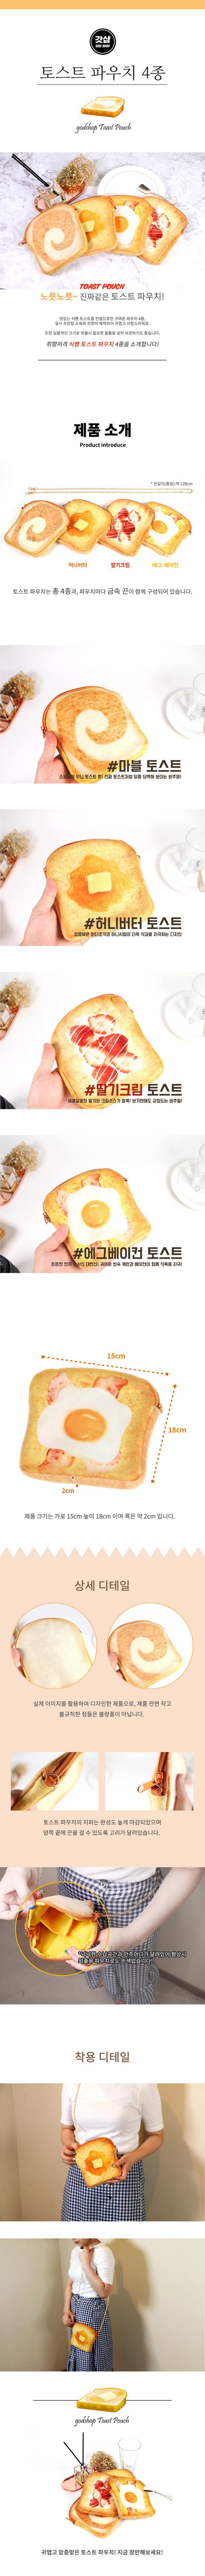 갓샵 토스트파우치 4종 식빵파우치 특이한 인싸 필통 - 갓샵, 9,900원, 패브릭필통, 패턴